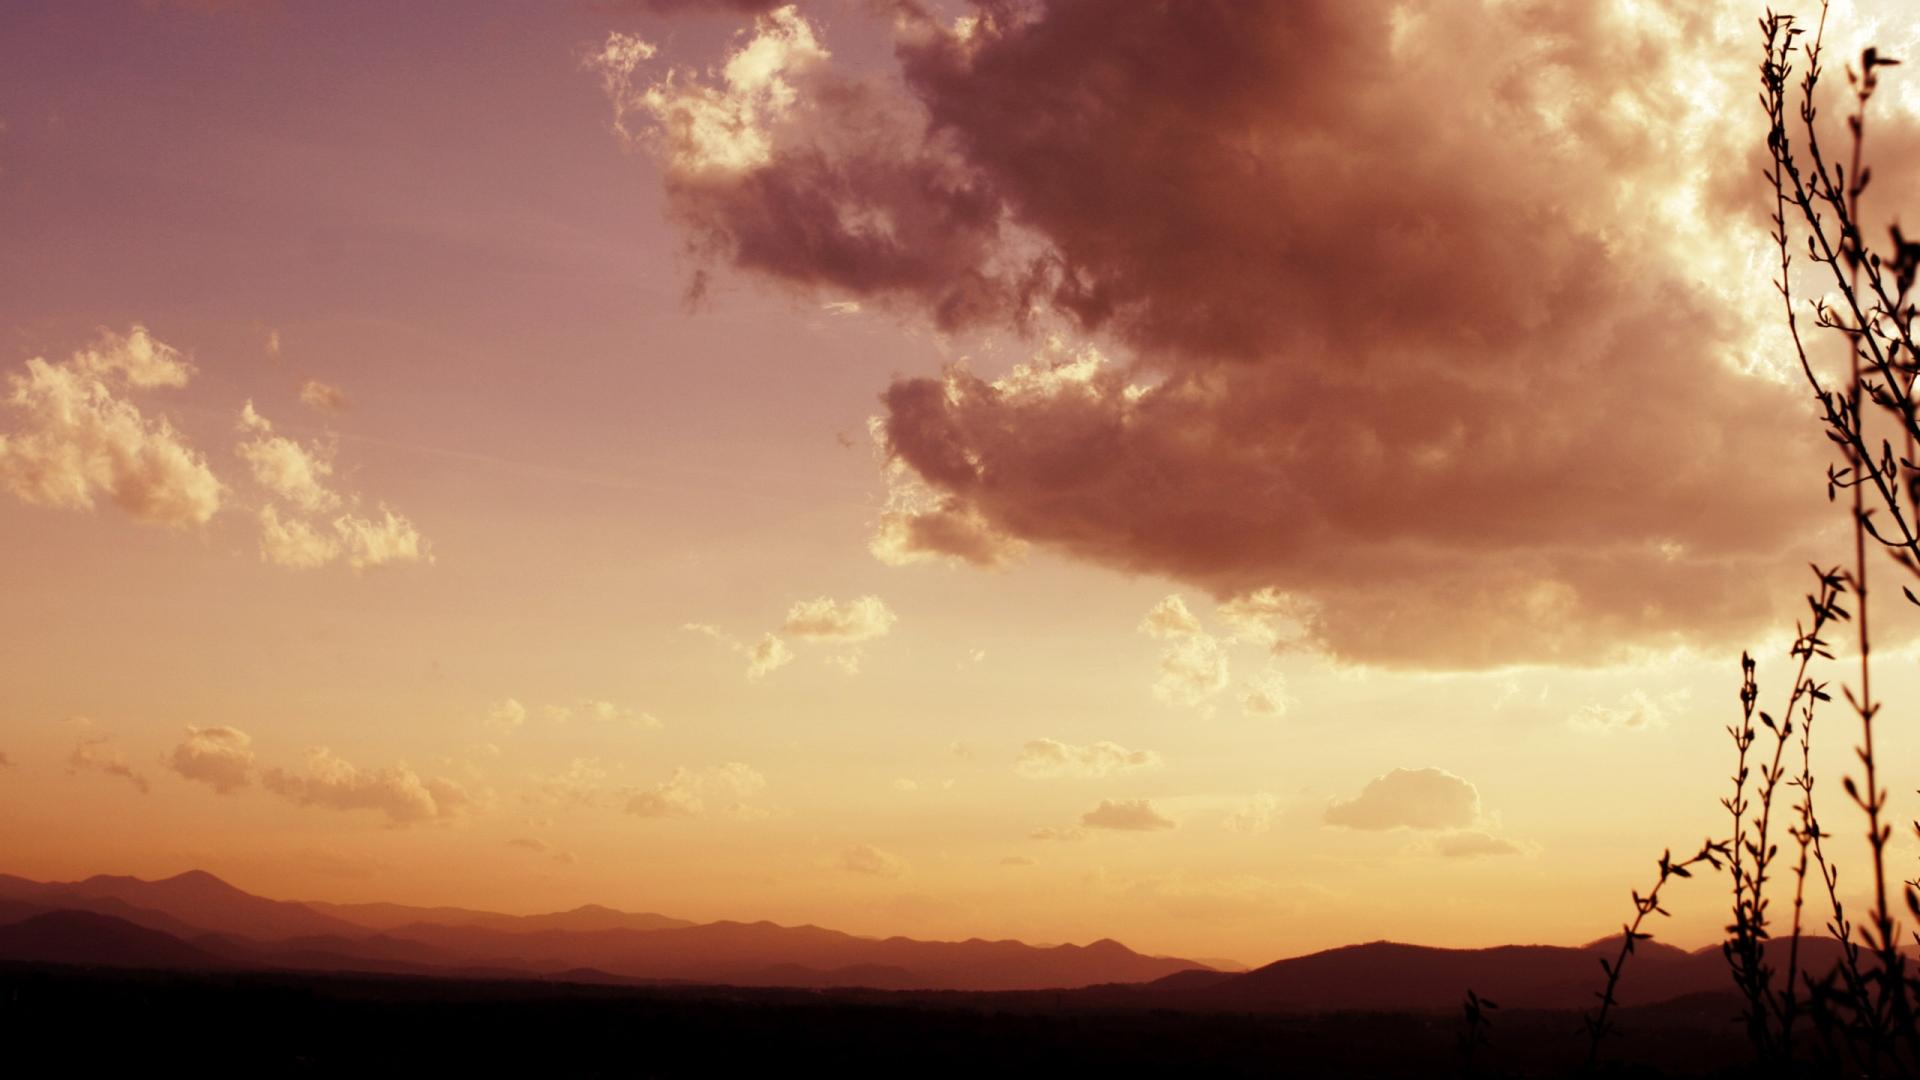 غروب الشمس بالصور (3)